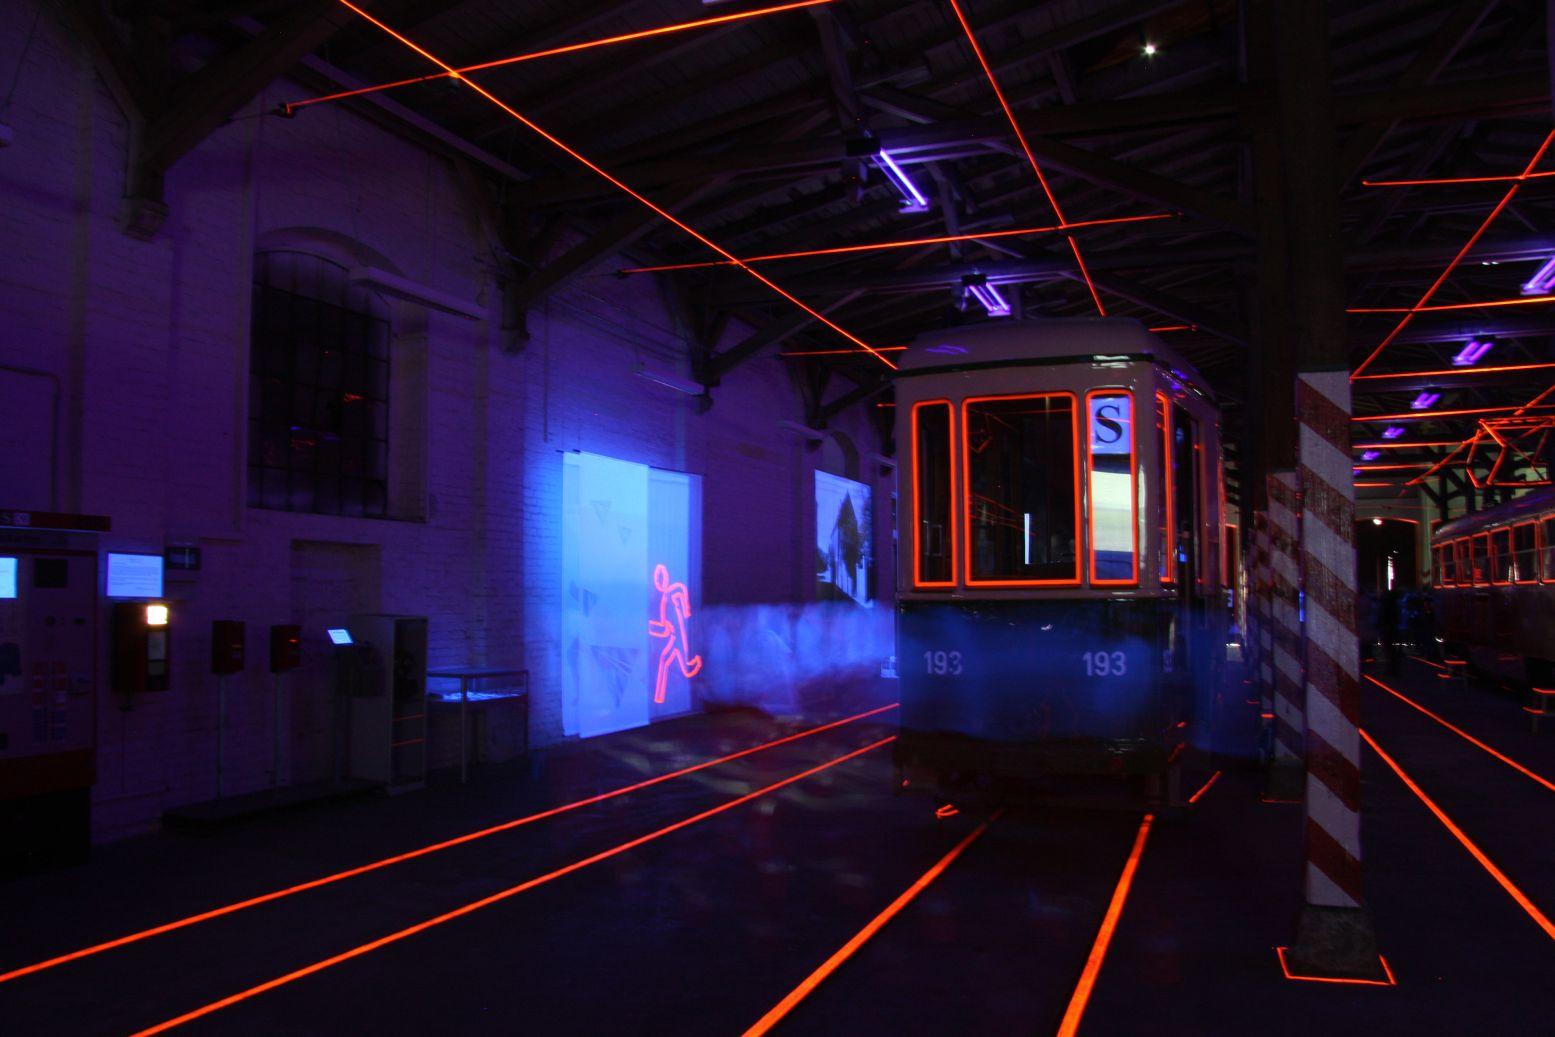 2010 Designpreis Halle Theres that Hallenser design spirit again